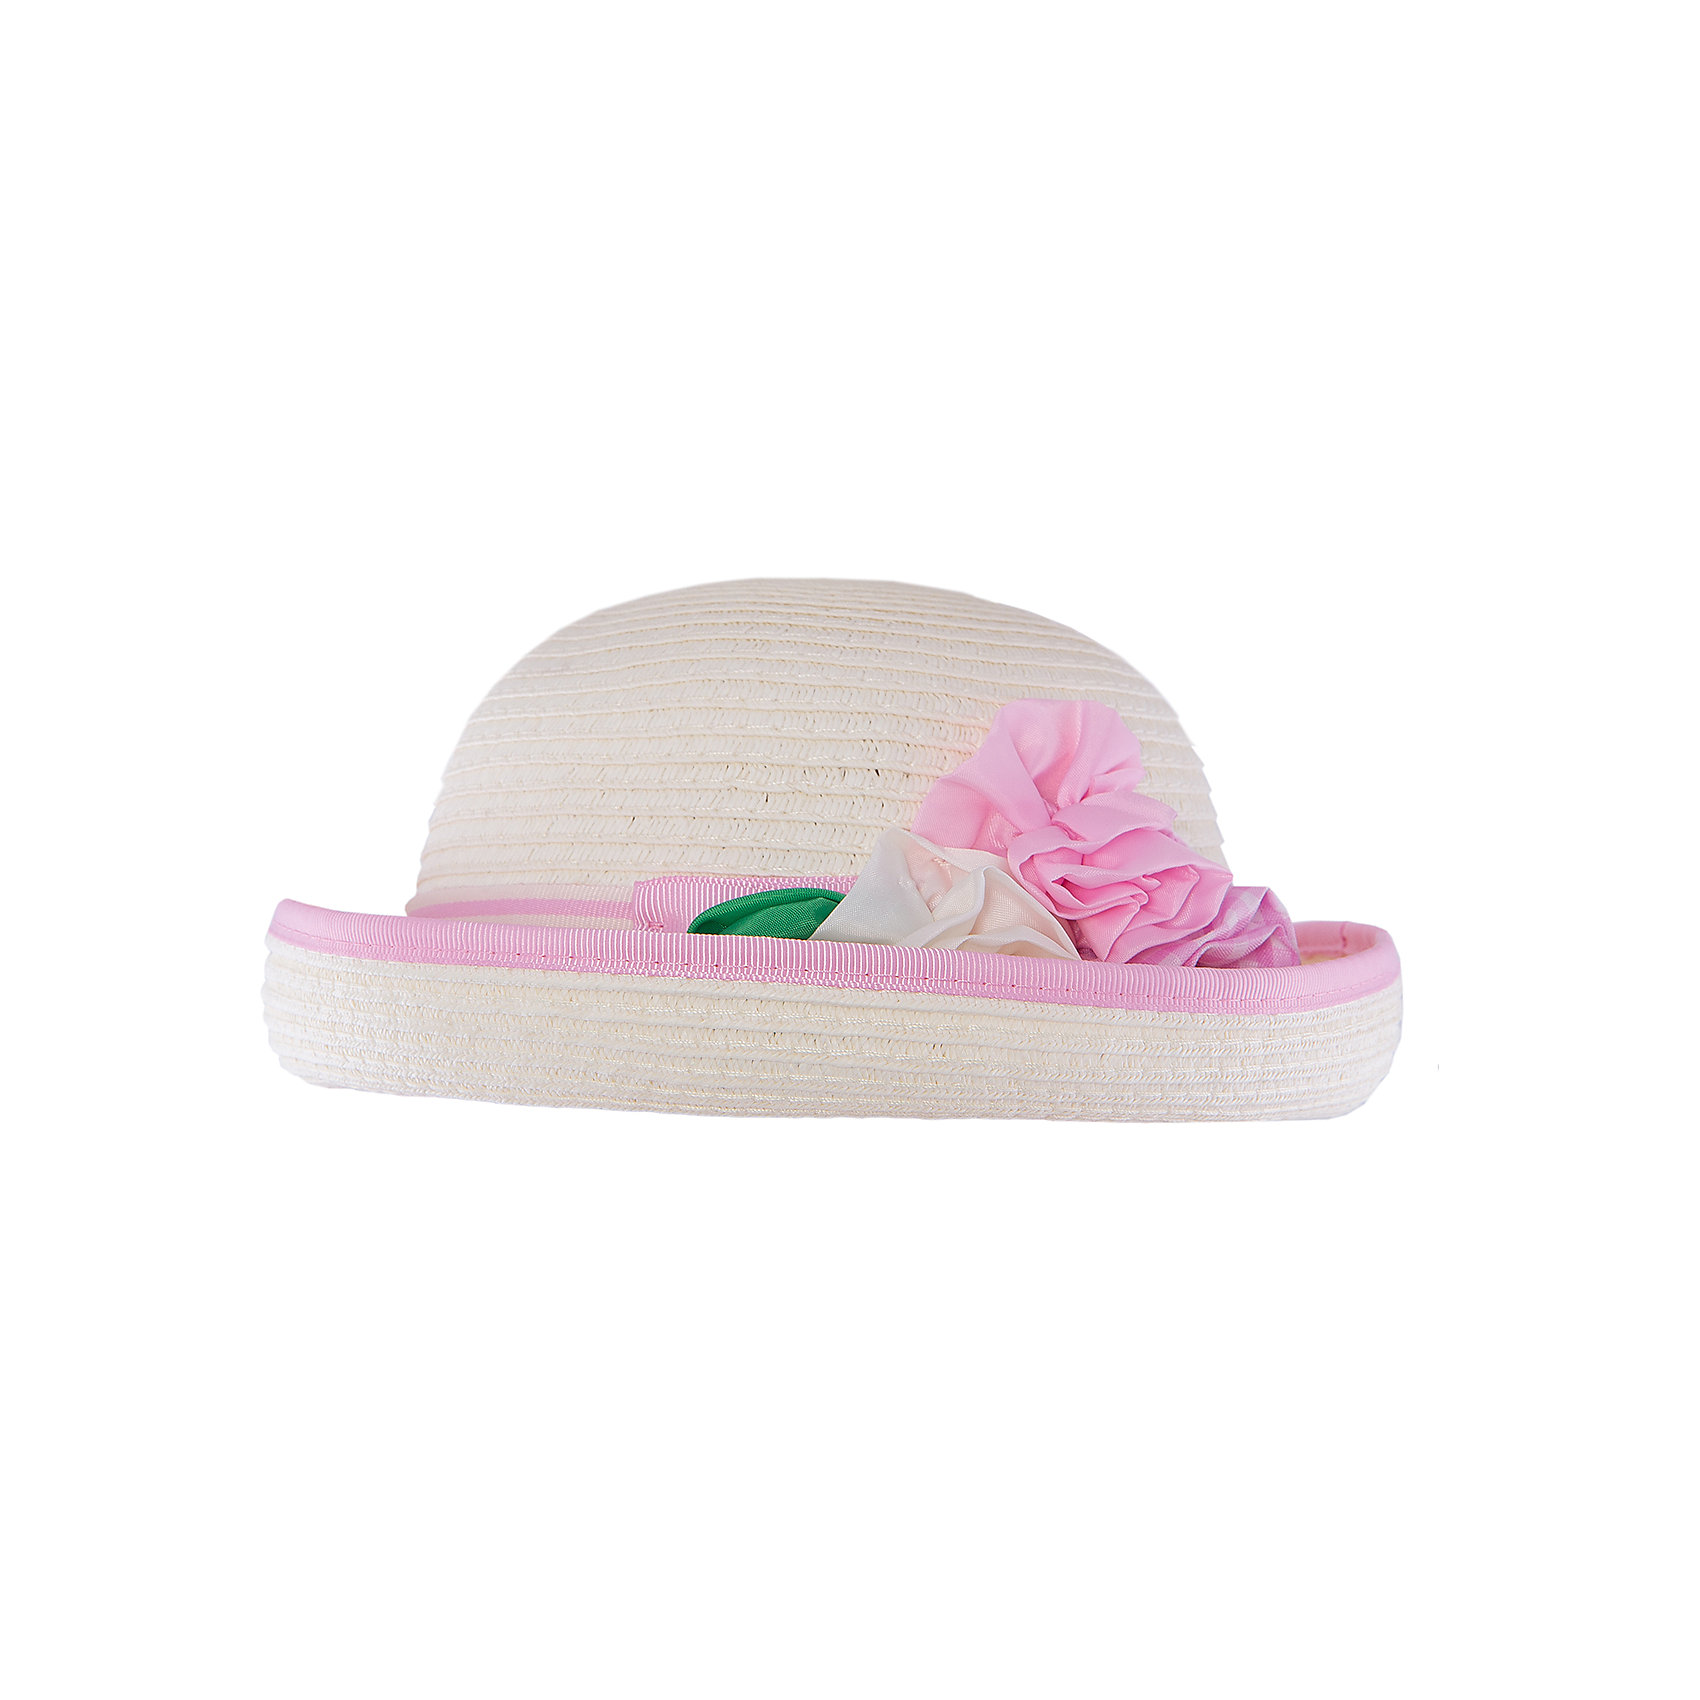 Шляпа для девочки MayoralШляпа для девочки от известной марки Mayoral<br><br>Удобная шляпа дополнит образ девочки и убережет голову от перегрева в новом весенне-летнем сезоне. Эта модель разработала специально для девочек. Сделана она из легкого, но прочного материала, украшена текстильными цветами.<br><br>Особенности модели:<br><br>- цвет: белый, розовый;<br>- цветная окантовка;<br>- легкий материал;<br>- украшена окантовкой и лентой;<br>- декорирована цветами;<br>- глубокая посадка.<br><br>Дополнительная информация:<br><br>Состав: 100% бумага<br> <br>Шляпу для девочки от Mayoral (Майорал) можно купить в нашем магазине.<br><br>Ширина мм: 89<br>Глубина мм: 117<br>Высота мм: 44<br>Вес г: 155<br>Цвет: розовый<br>Возраст от месяцев: 24<br>Возраст до месяцев: 36<br>Пол: Женский<br>Возраст: Детский<br>Размер: 50,46,48<br>SKU: 4539094